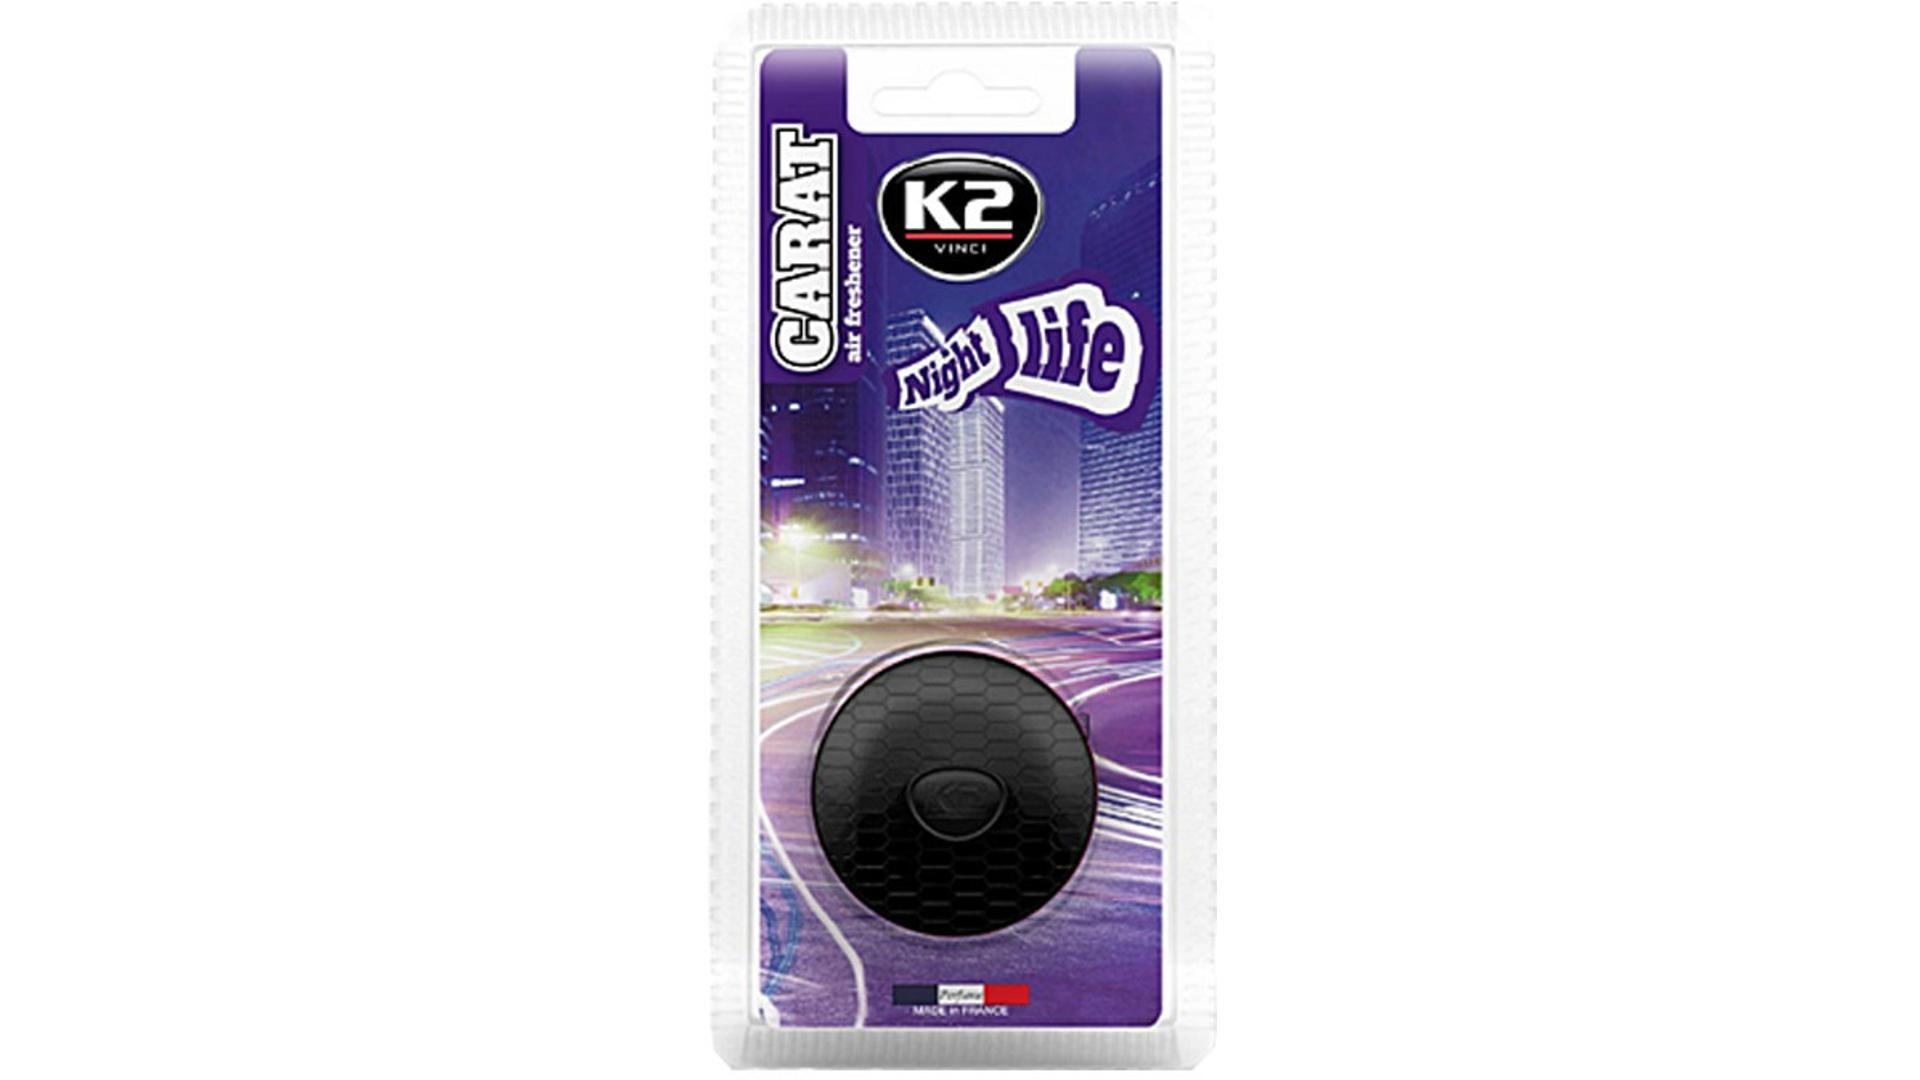 K2 CARAT 2,7 ml NIGHT LIFE